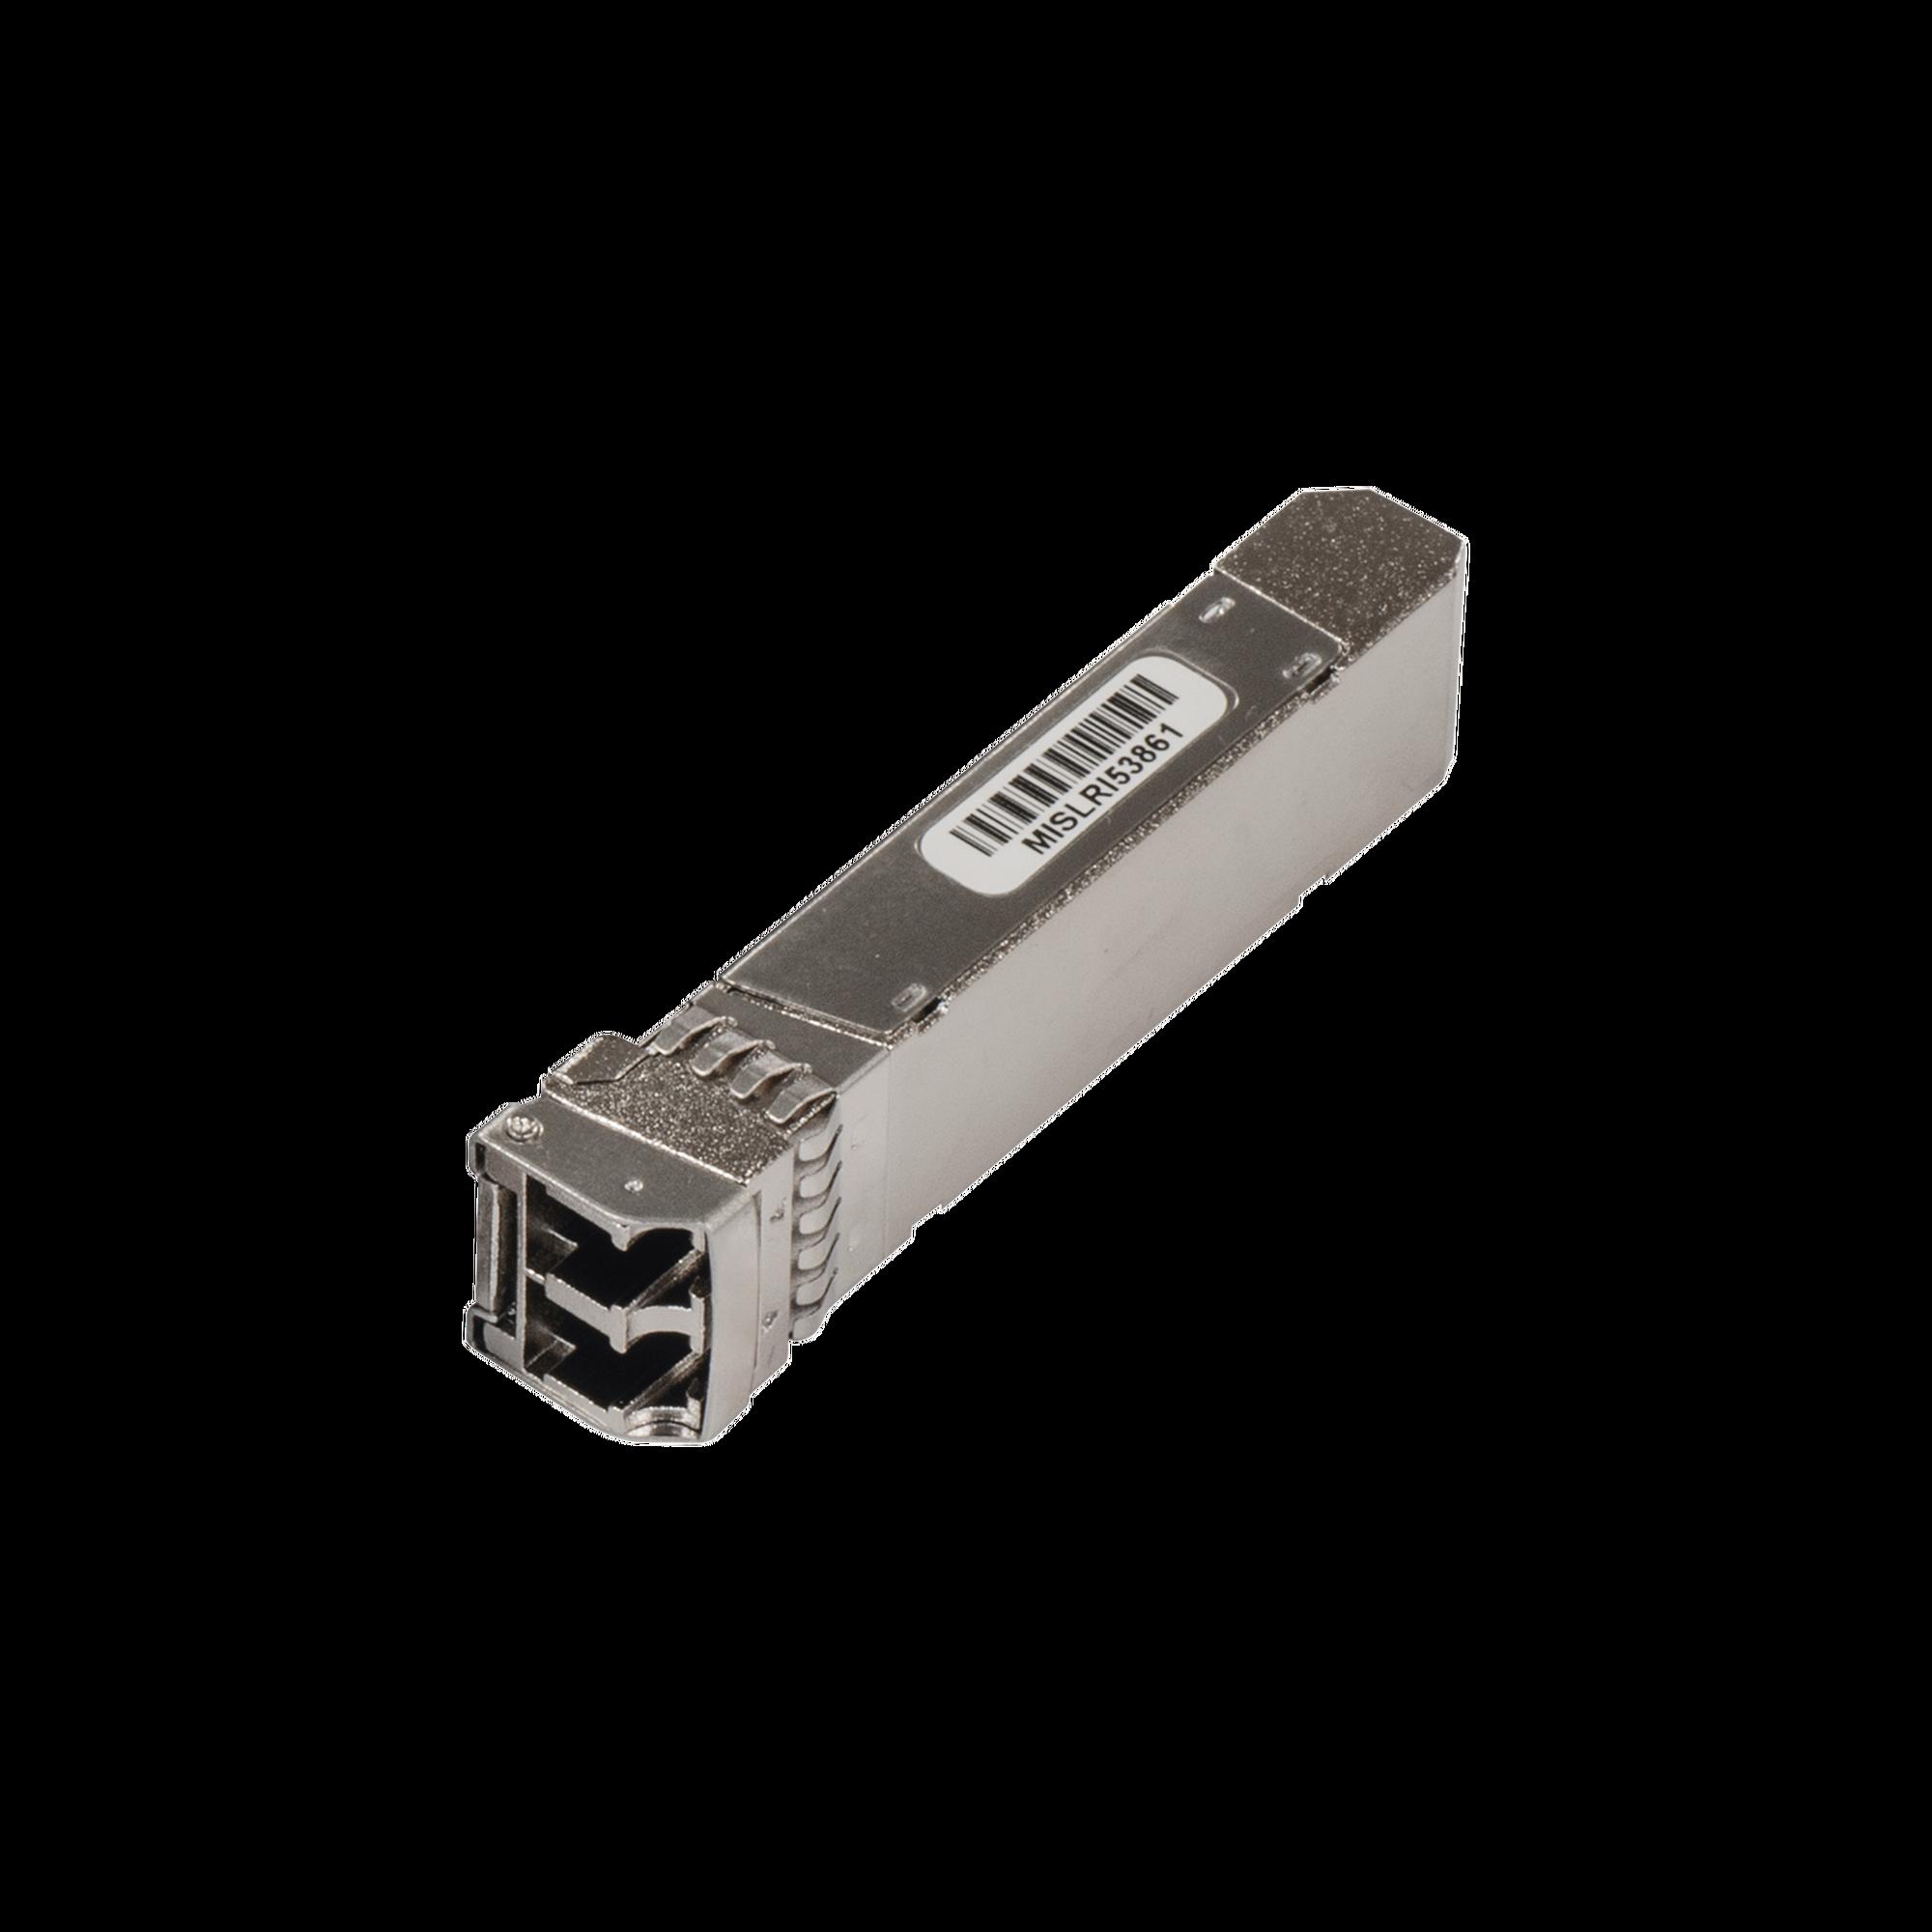 SFP CWDM module 1.25G SM 40km 1530nm Dual LC-connector DDM